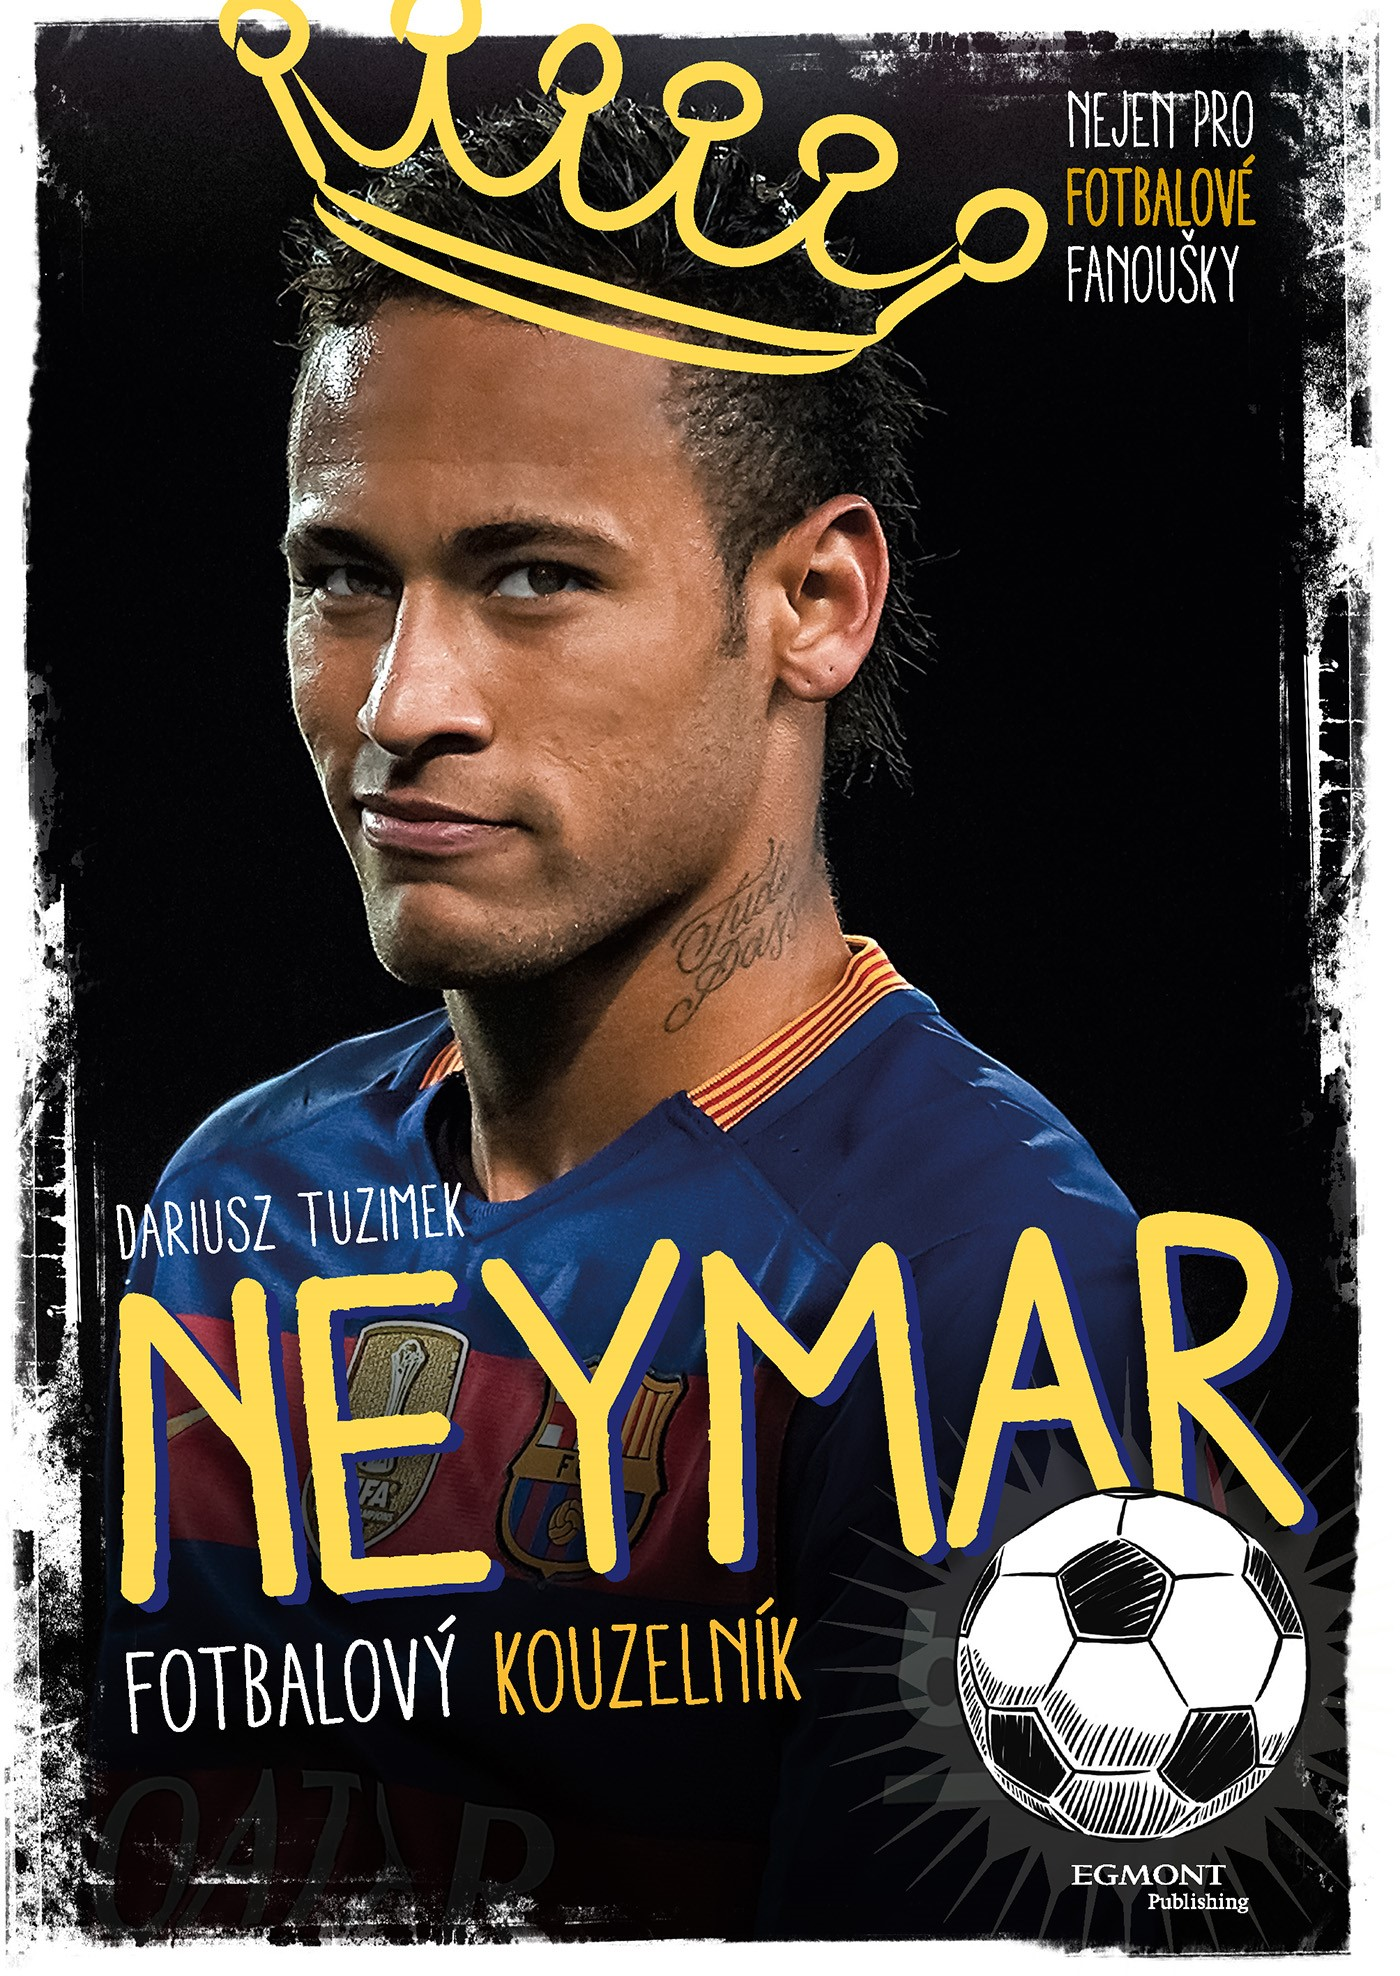 Neymar - Fotbalový kouzelník